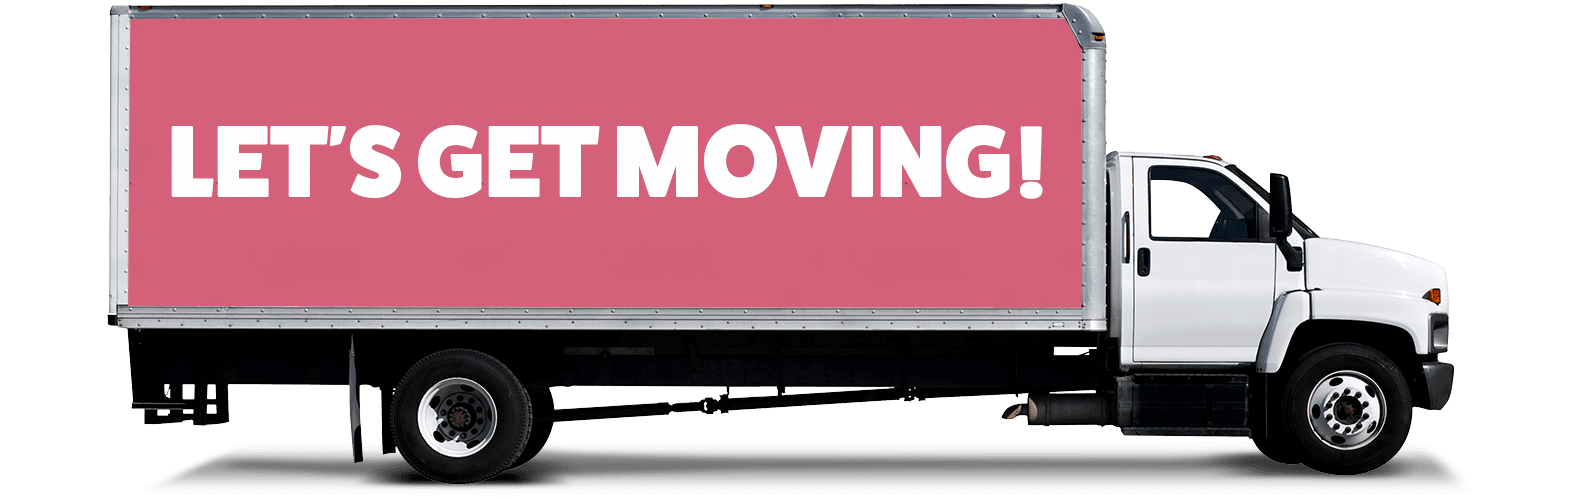 Lets Get Moving